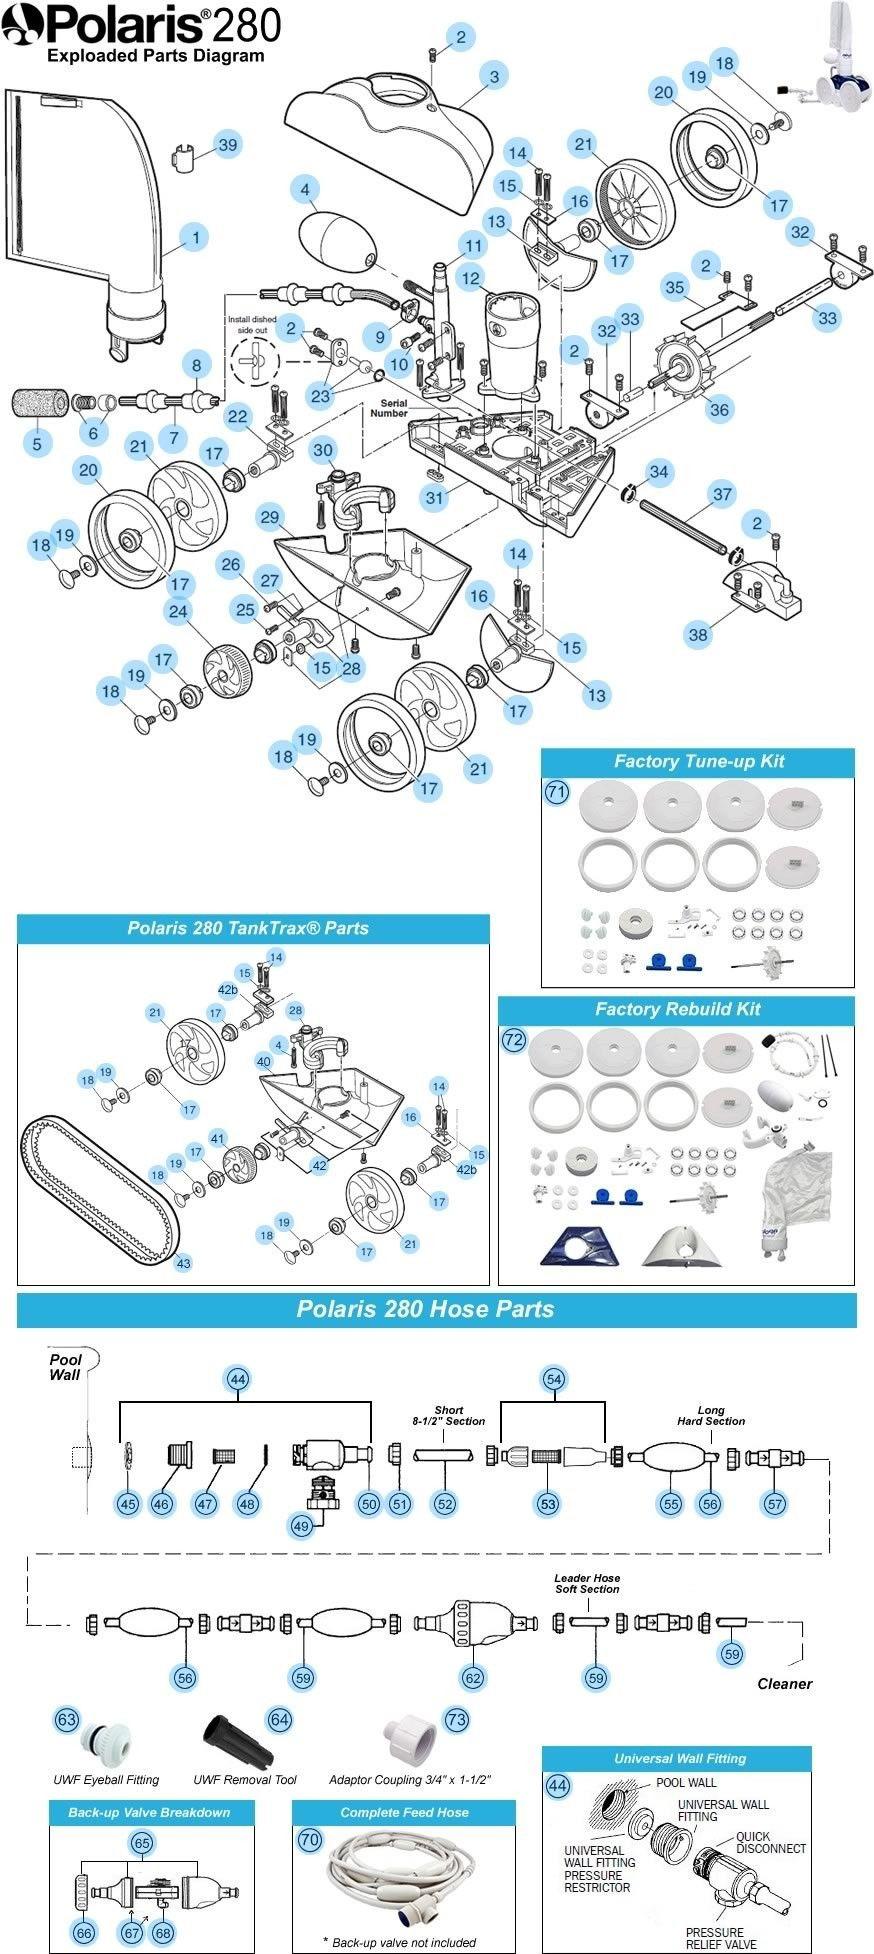 Polaris 280 Pool Cleaner Parts